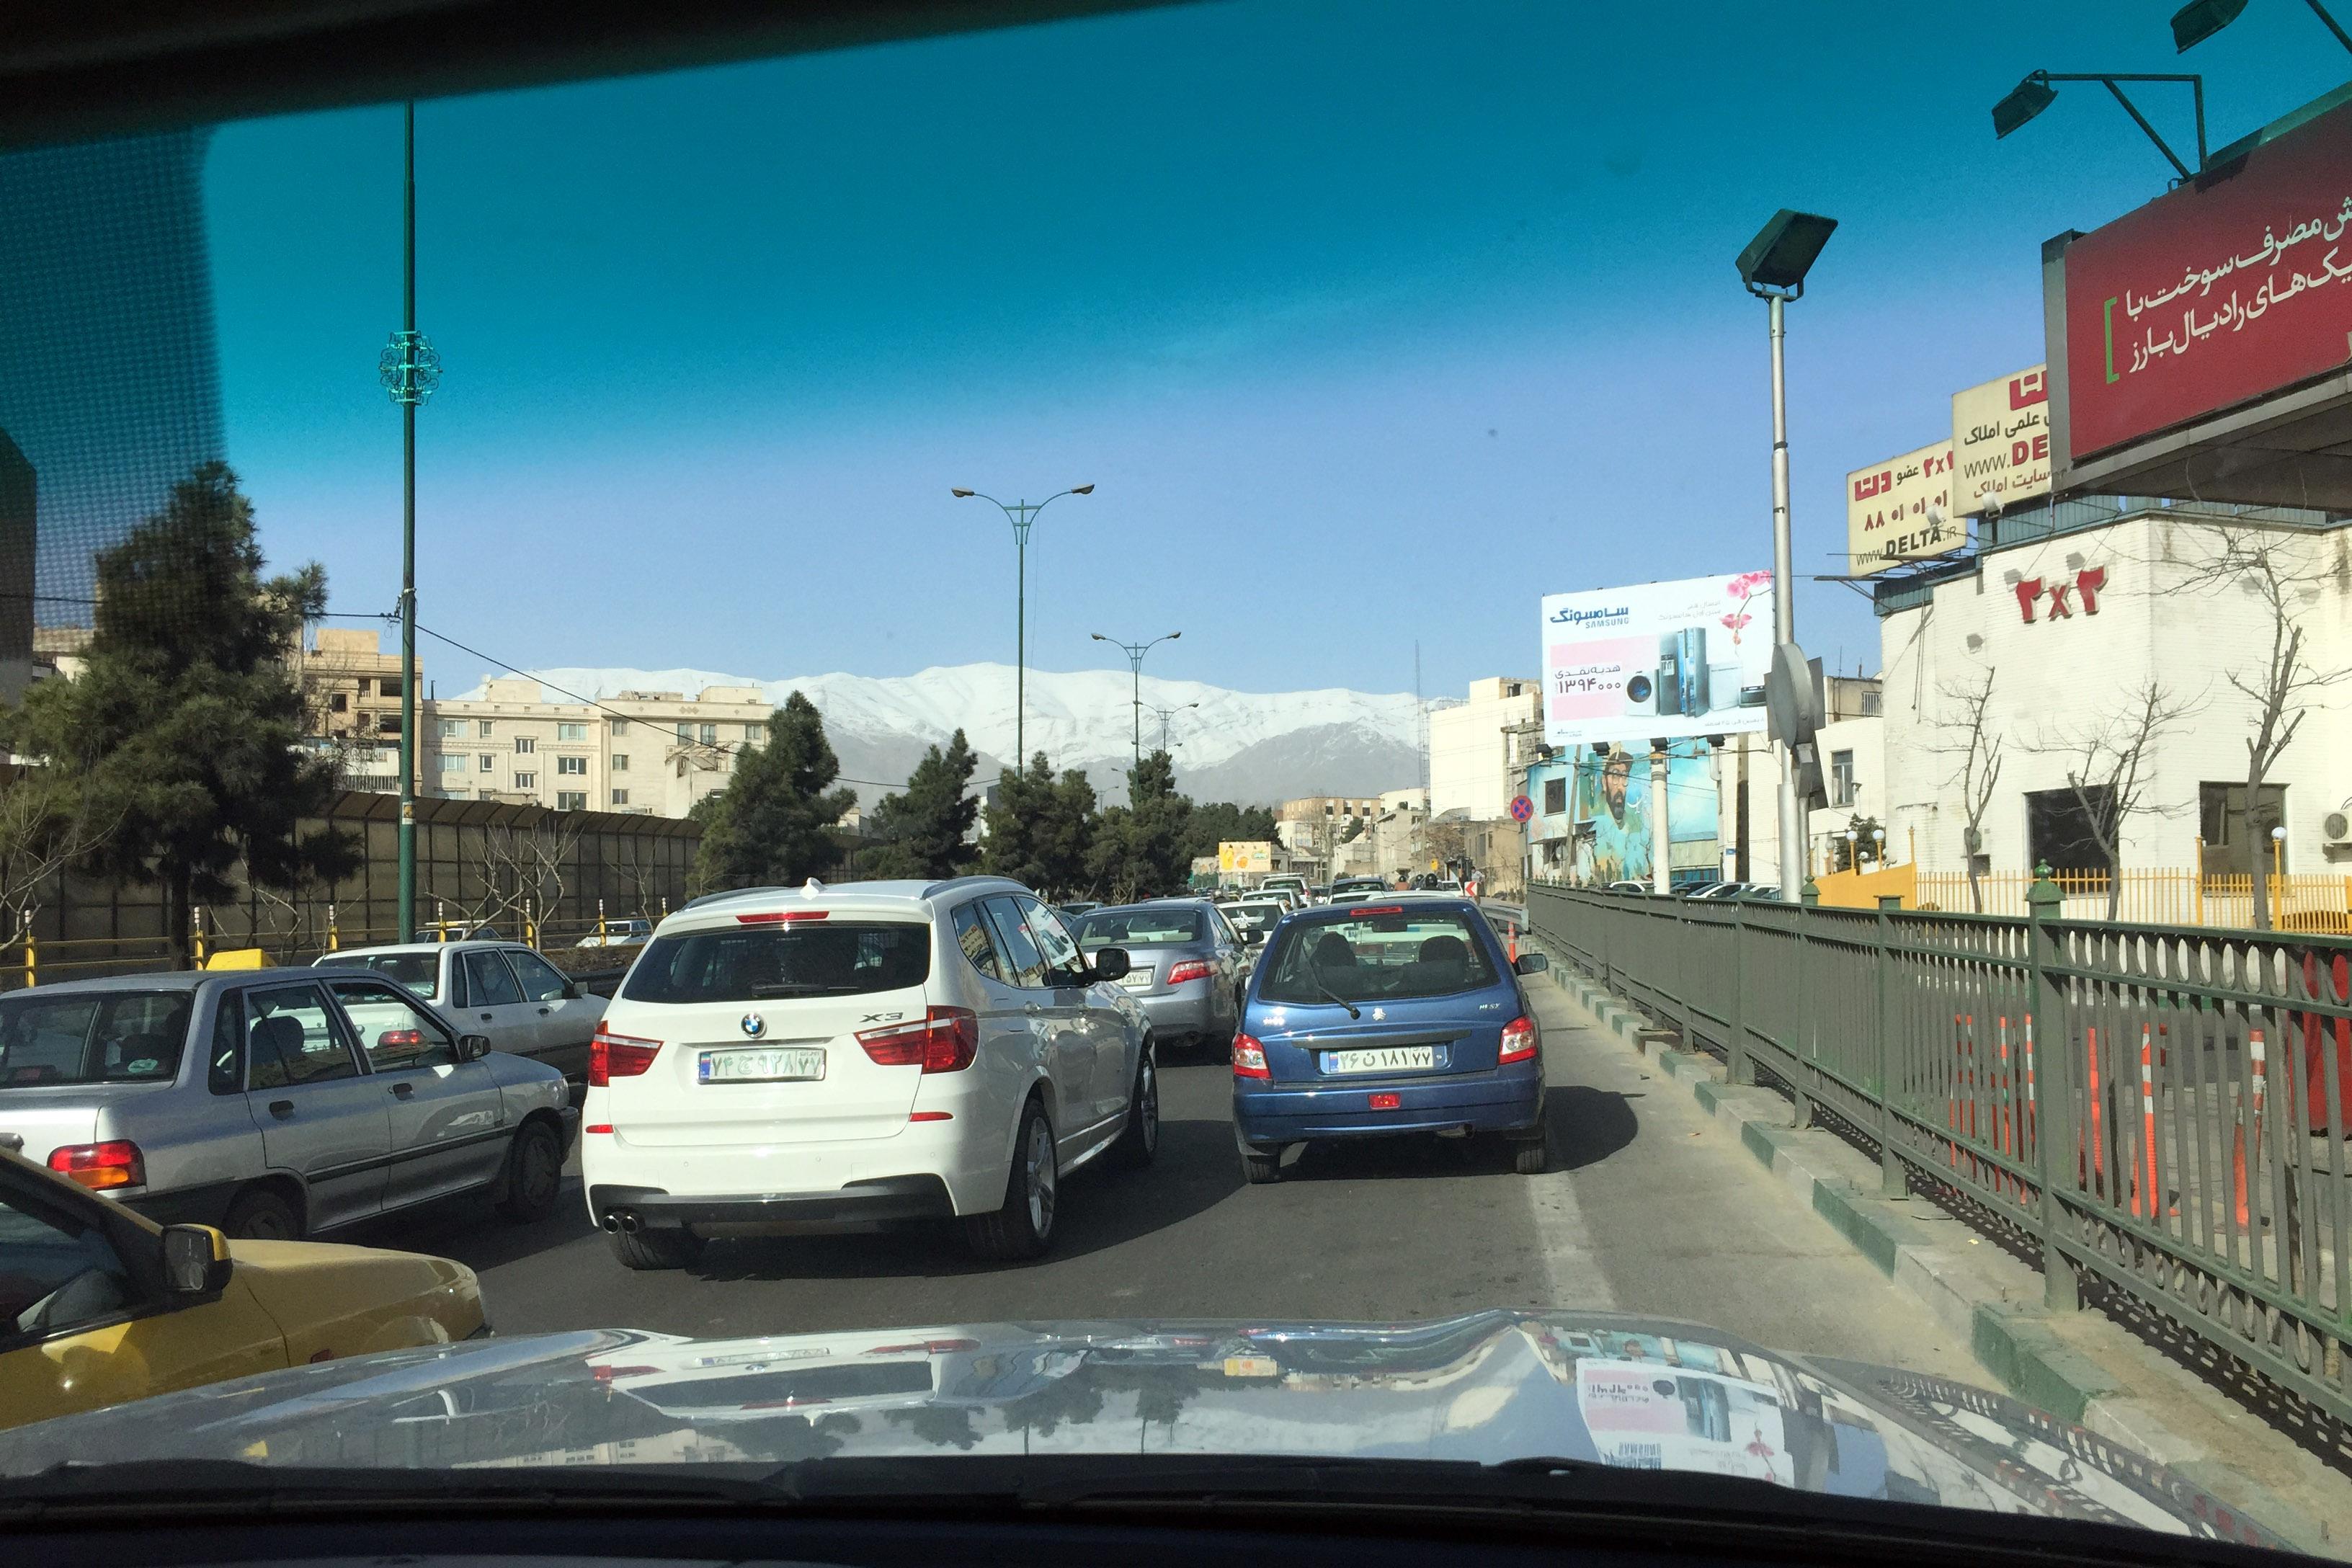 Dichter Straßenverkehr in Teheran aus dem Auto fotografiert von Rein Wolfs